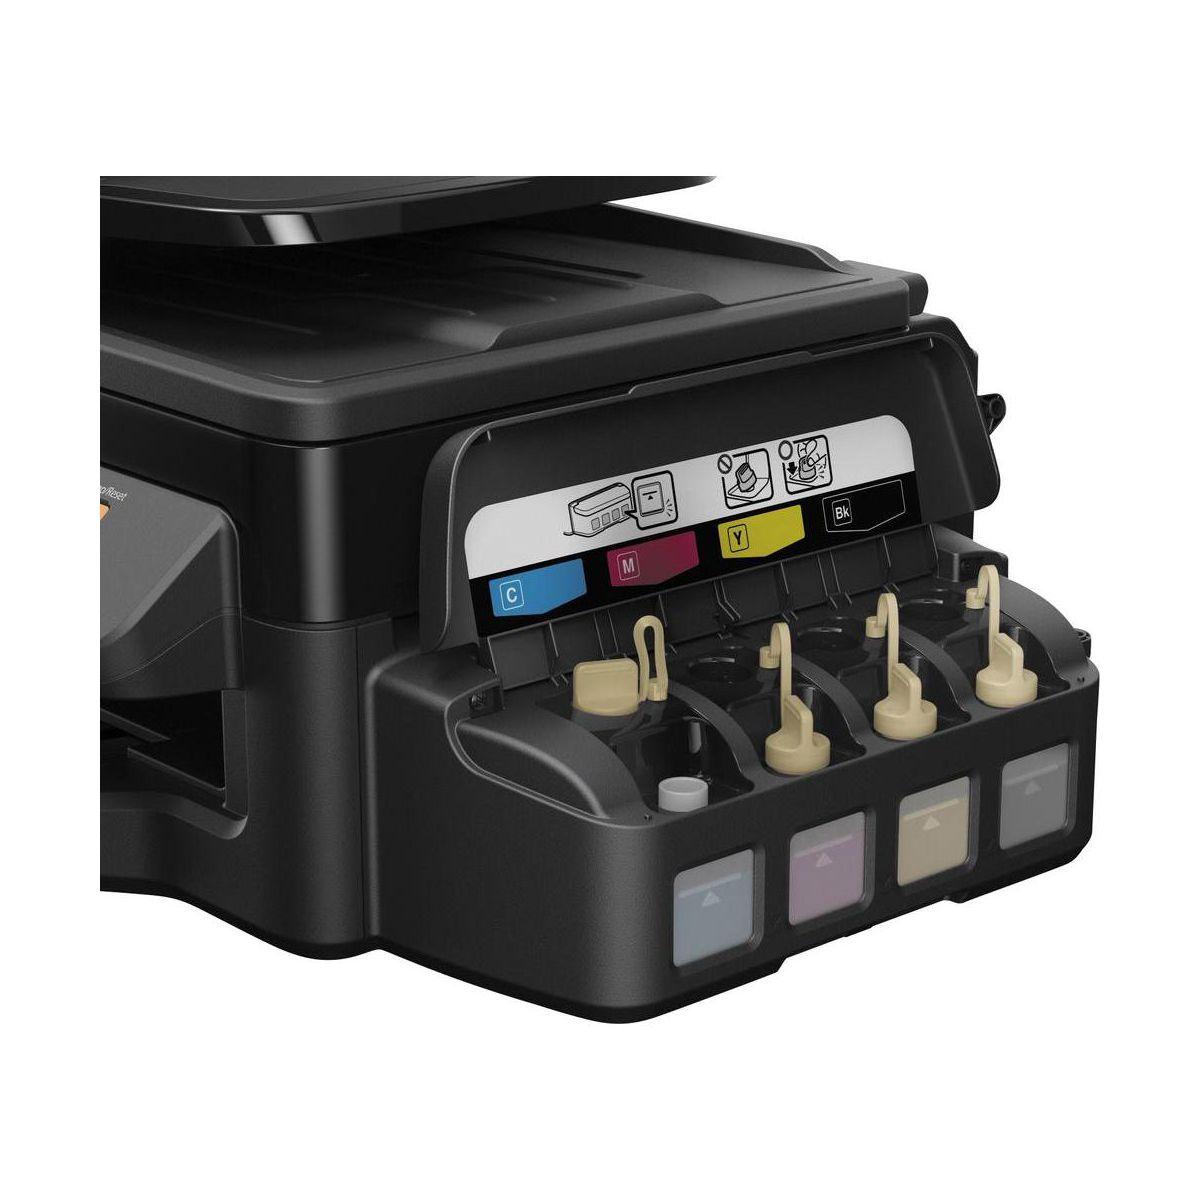 Imprimante multifonction jet d'encre EPSON EcoTank ET-4500